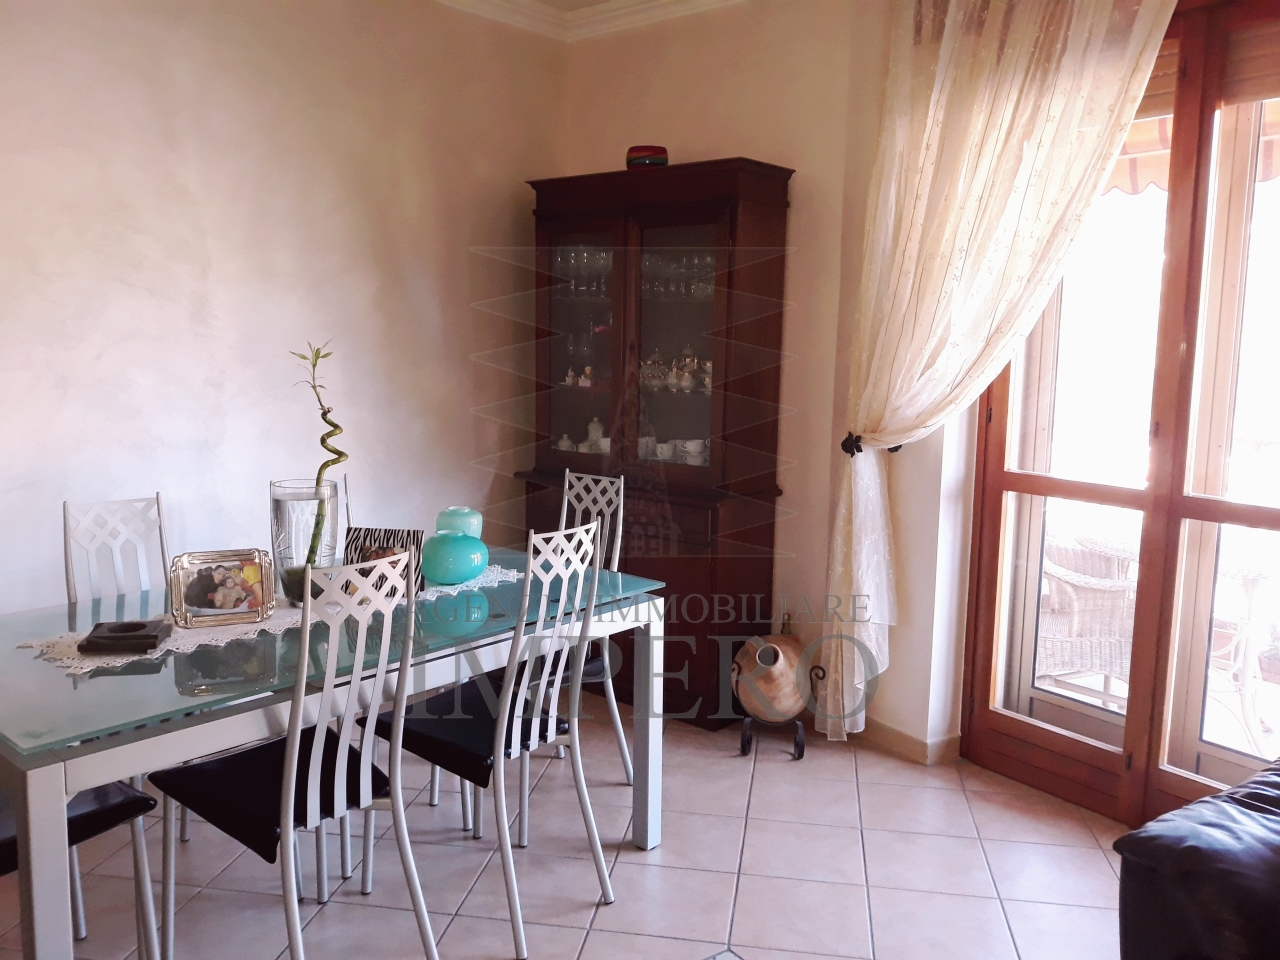 Appartamento - Pentalocale a Roverino, Ventimiglia